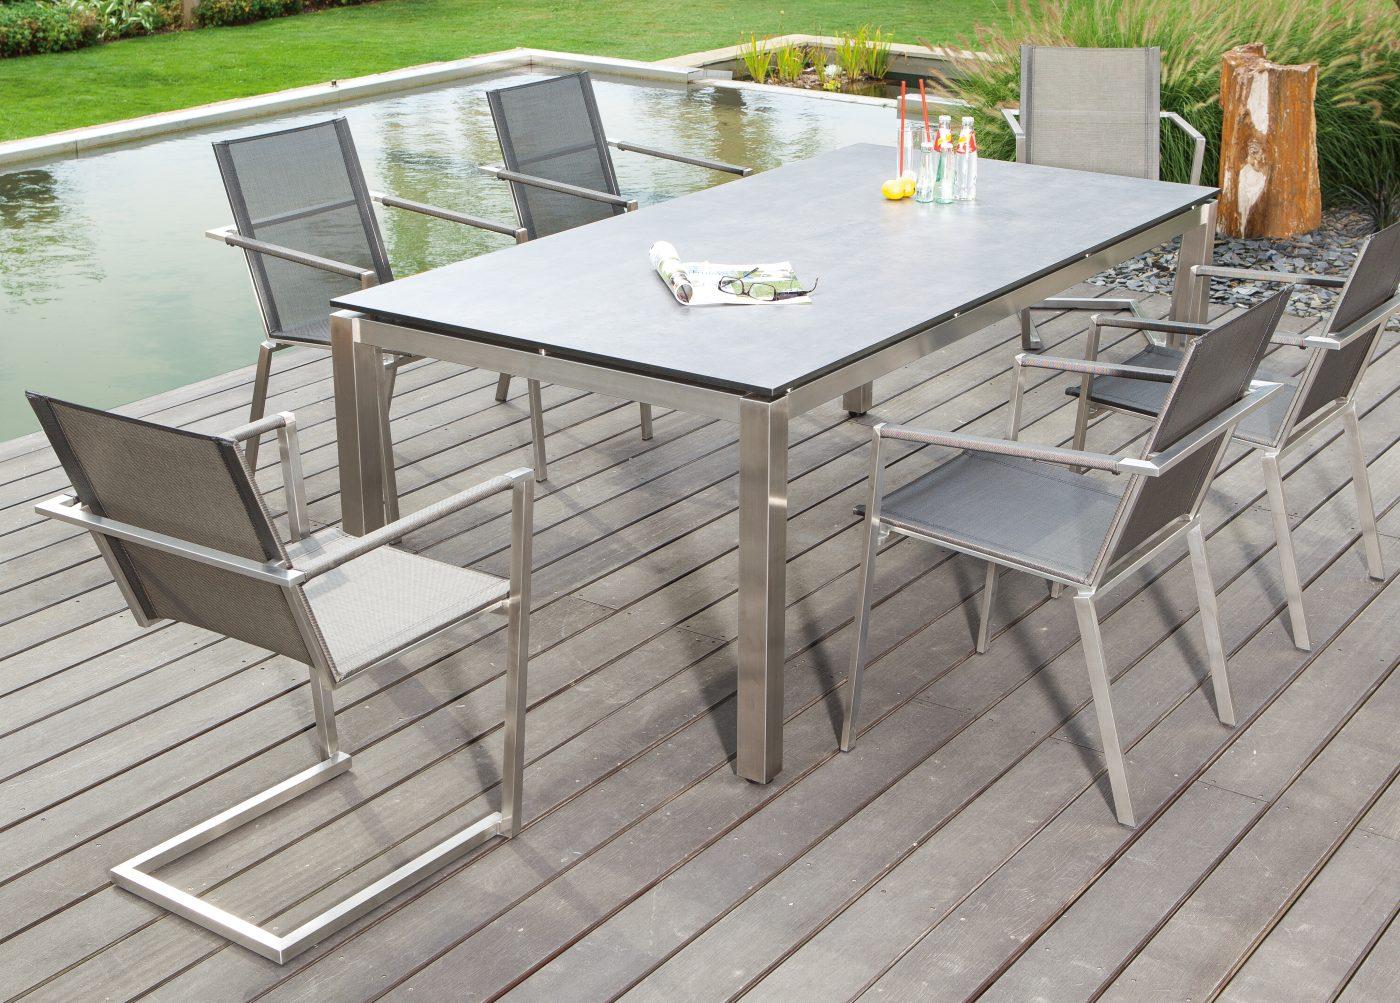 Pin Abbildung Edelstahl Gartenmöbel Sitzgruppe on Pinterest